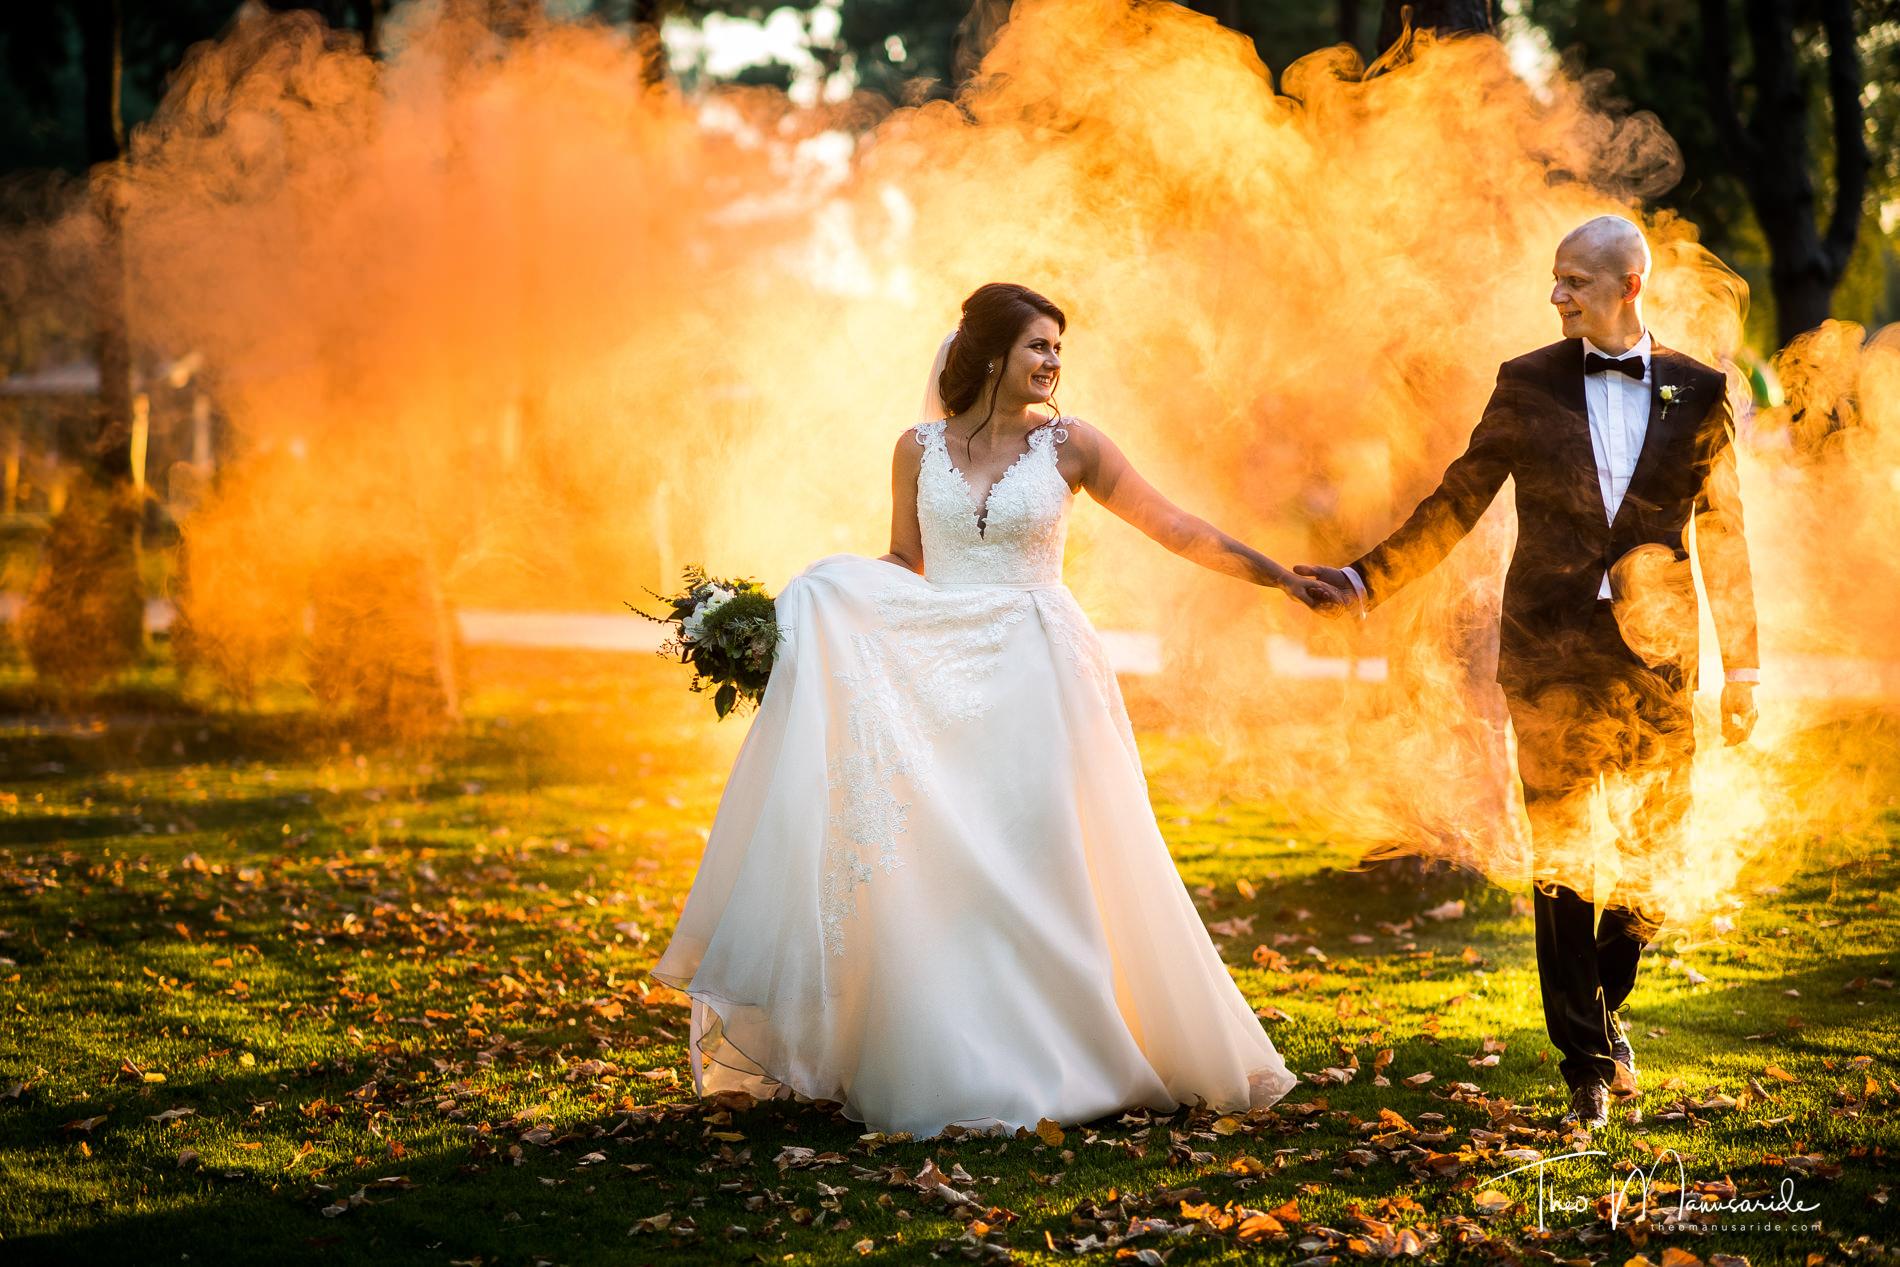 fotograf nunta bucuresti-78